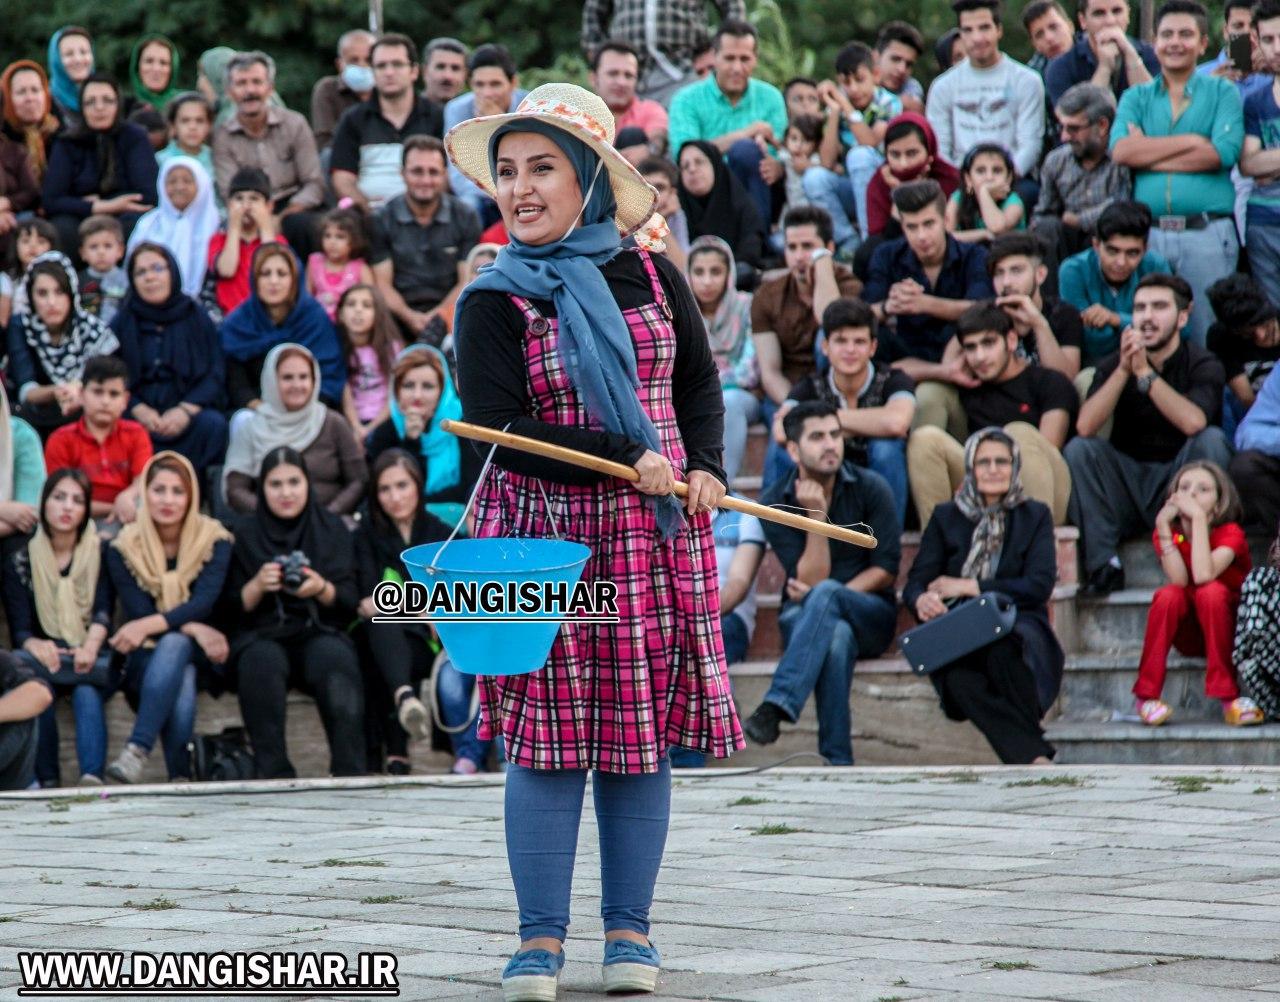 کسب عنوان بهترین بازیگر زن جشنواره فجر توسط هنرمند سقزی